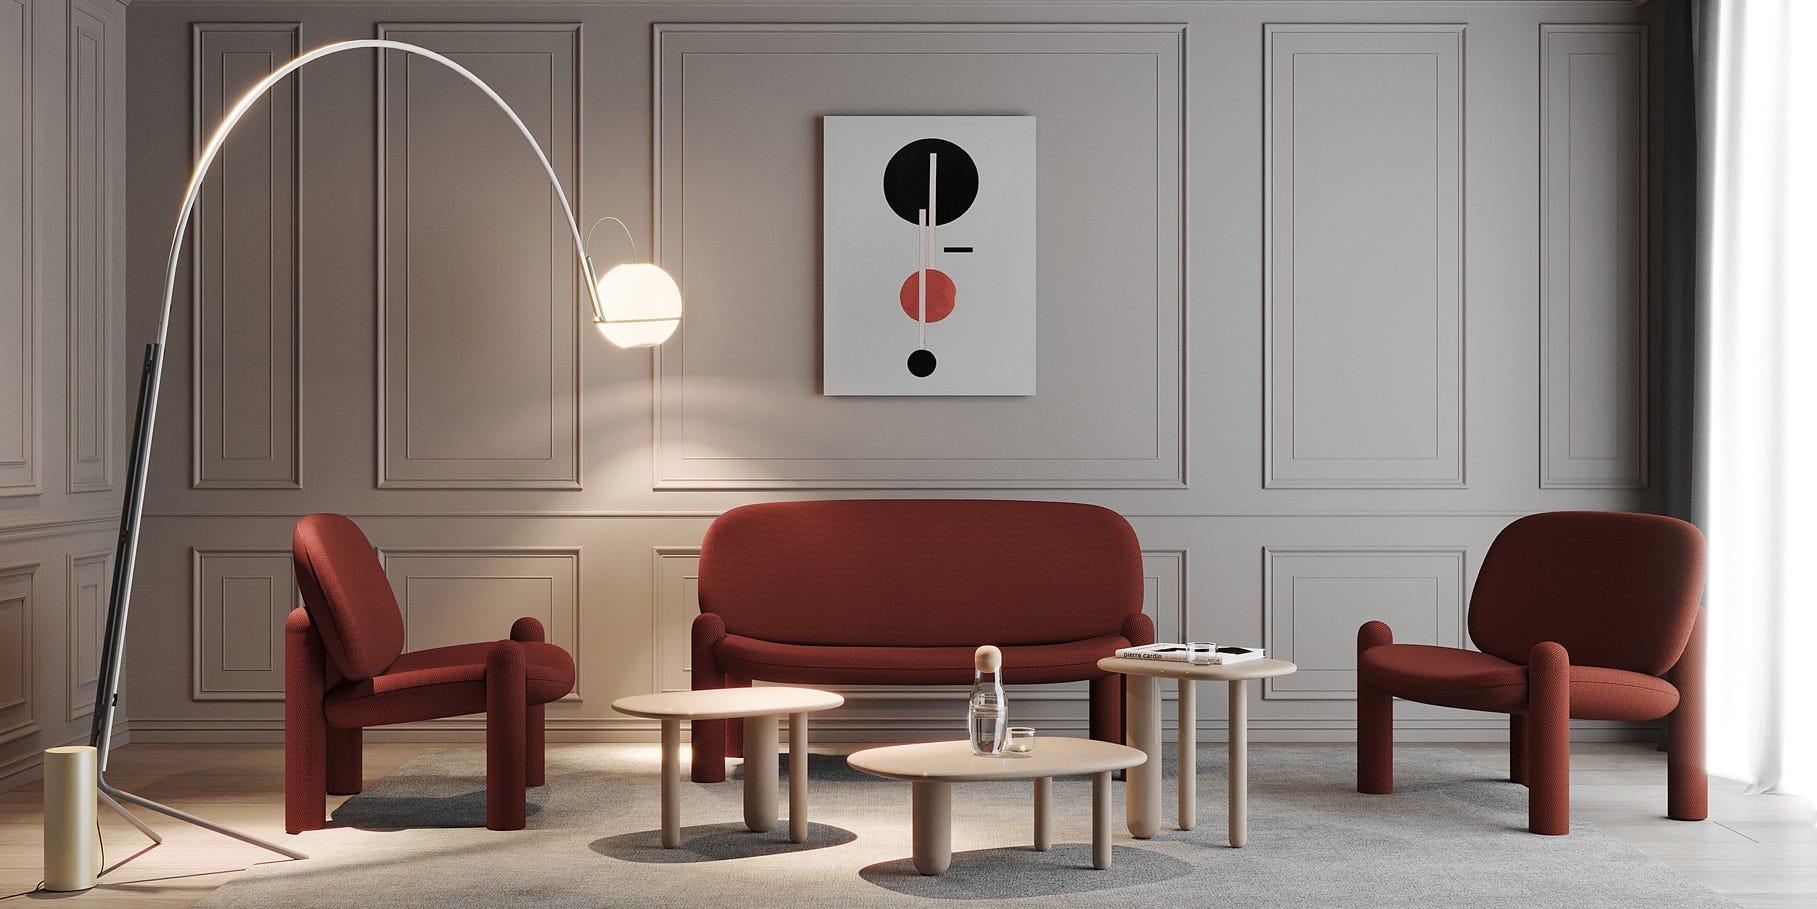 Driade Tottori designed by Kateryna Sokolova